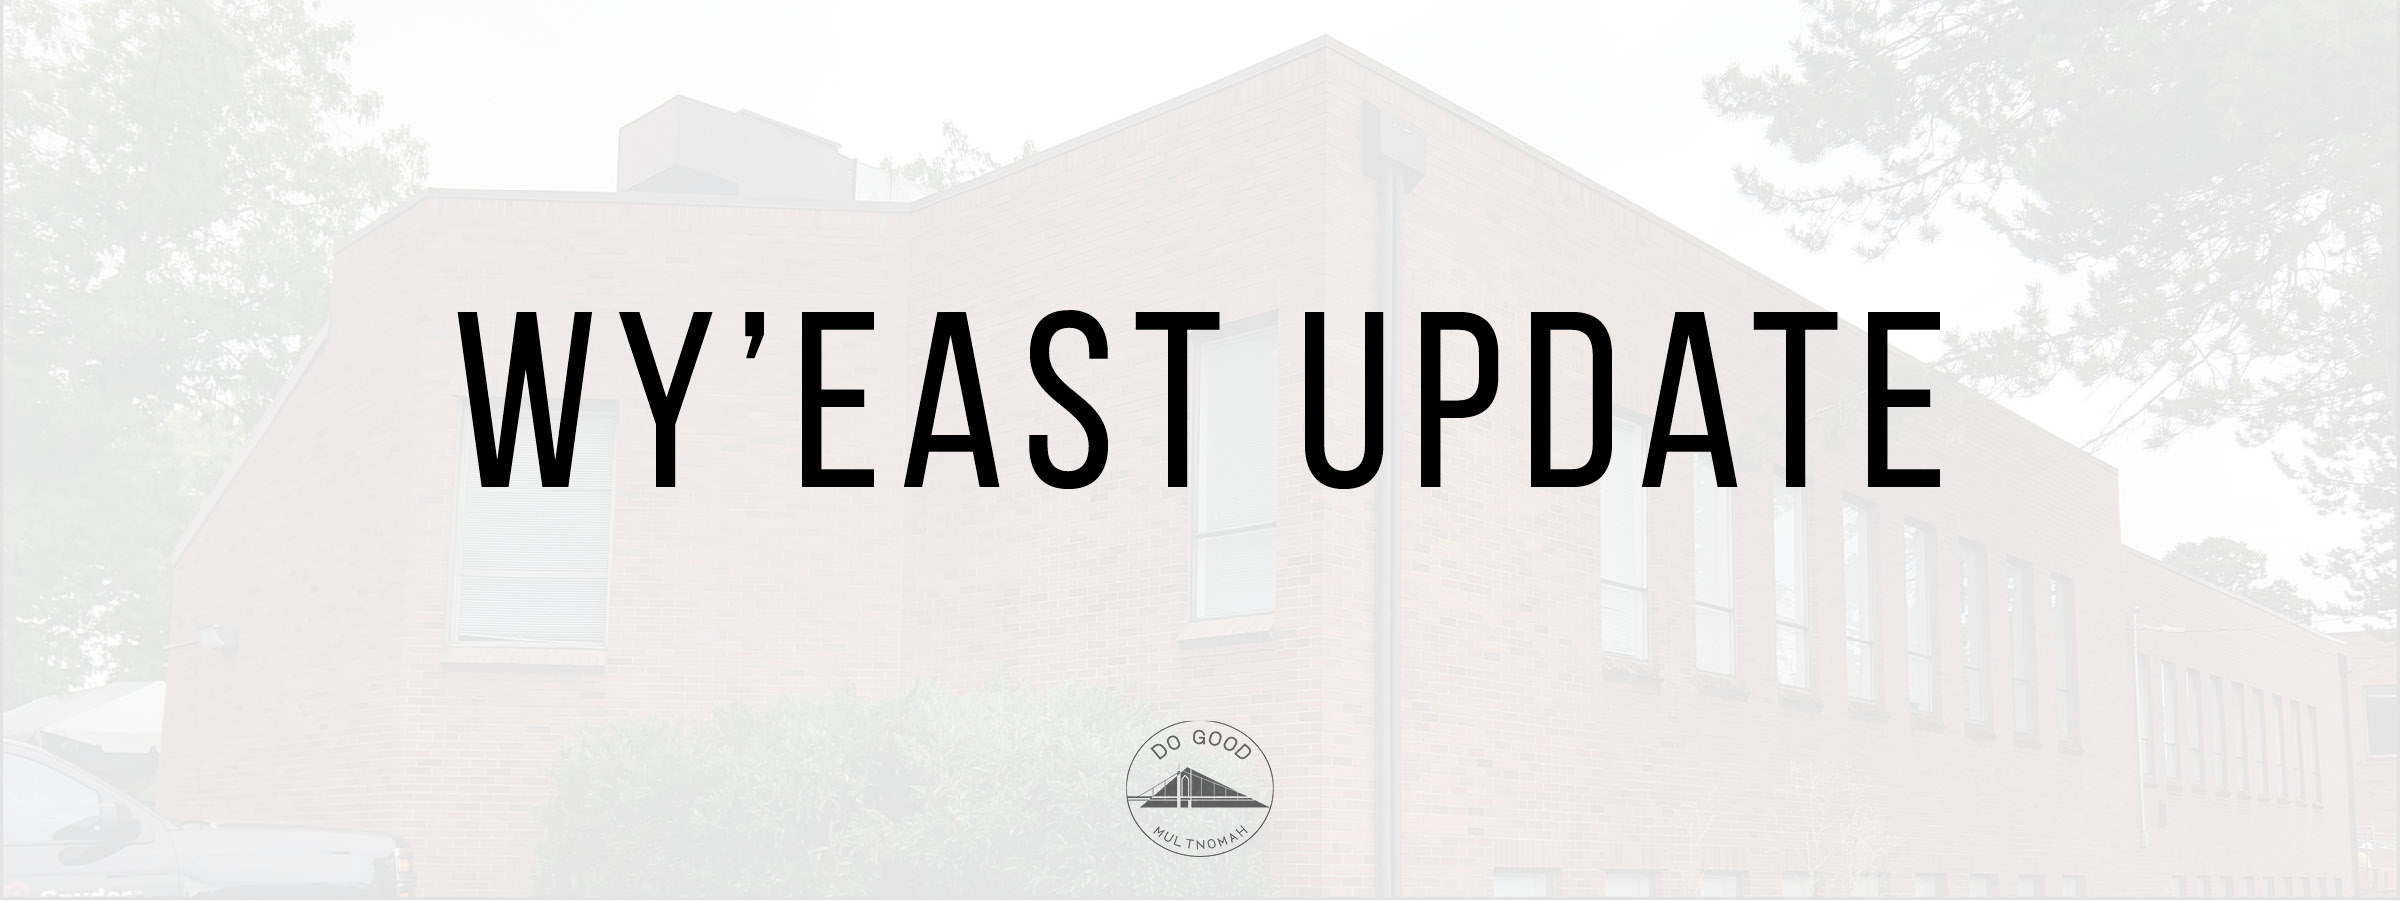 Wy'east Update.jpg